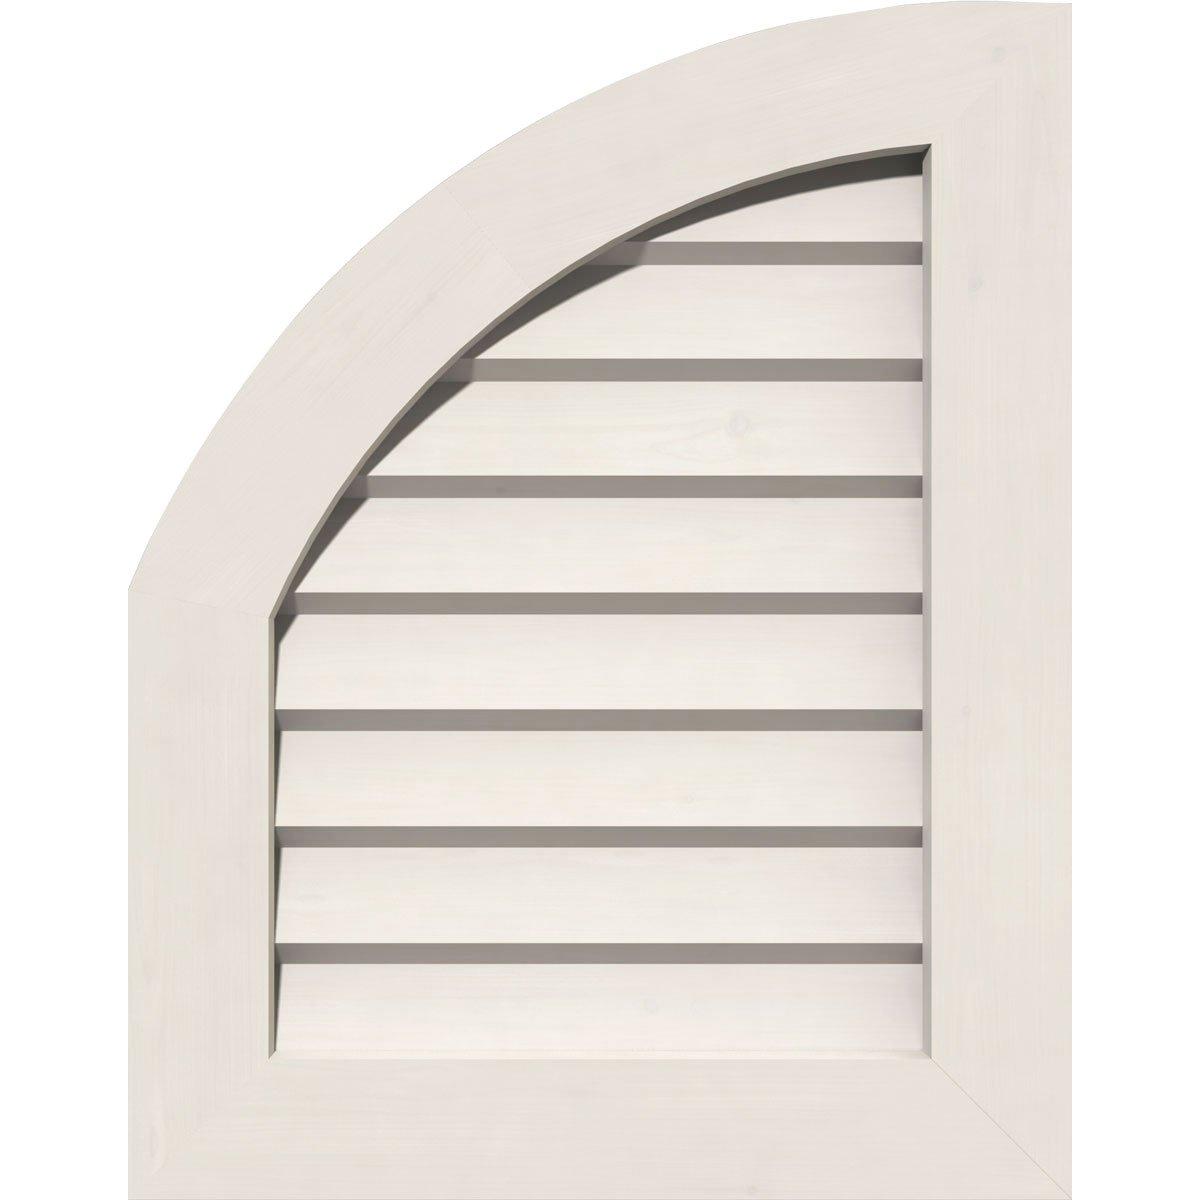 Ekena Millwork GVPQL12X1601DUN Pvc Gable Vent, 12'' W x 16'' H (17'' W x 21'' H Frame Size), White